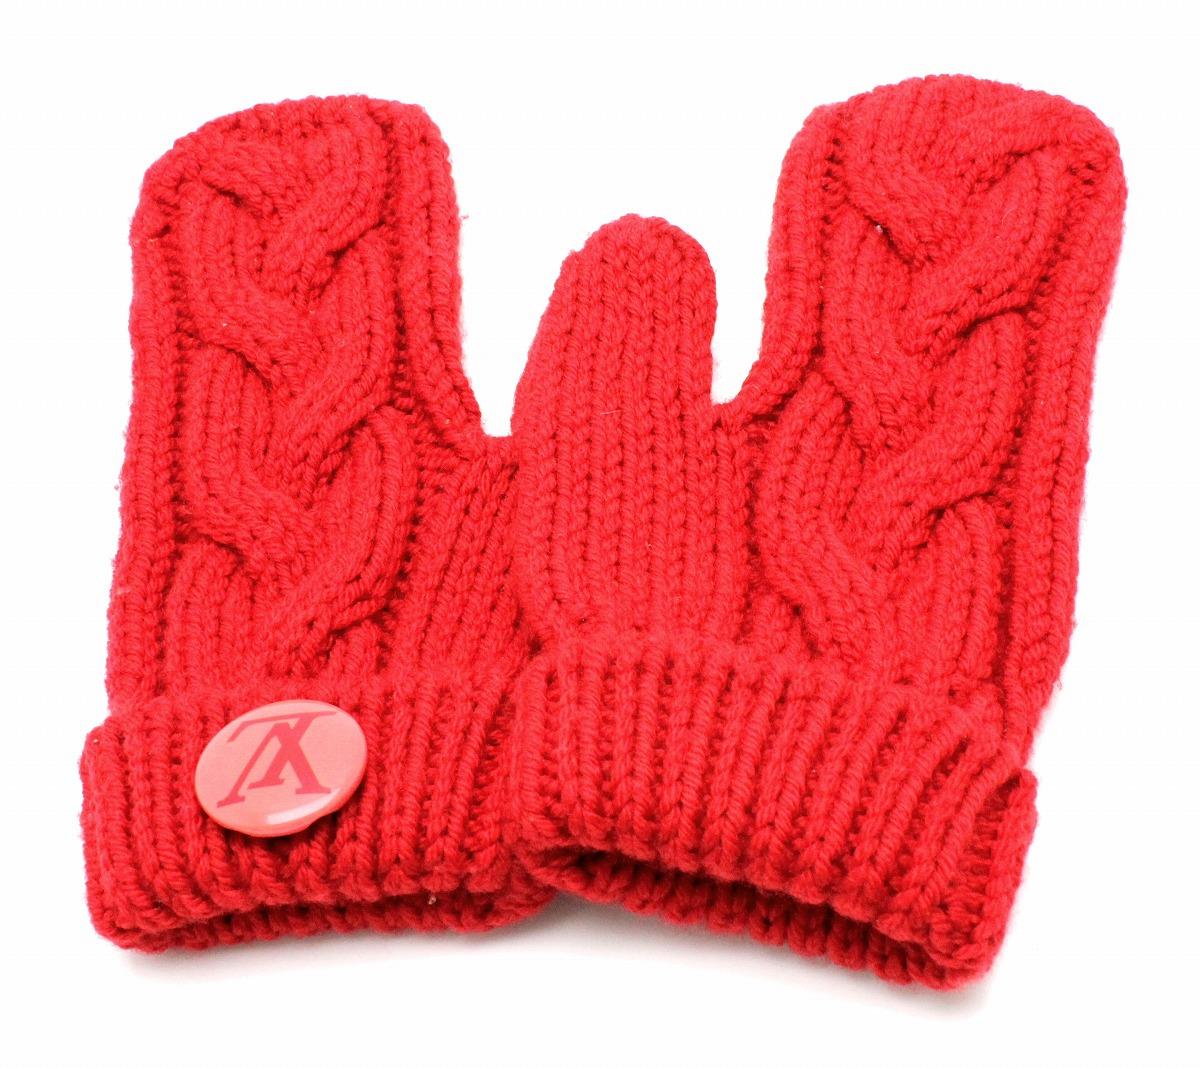 LOUIS VUITTON ルイ ヴィトン ミトン エシャルプ コンスタンス ロゴ グローブ 手袋 ウール100% レッド 赤 【中古】【k】